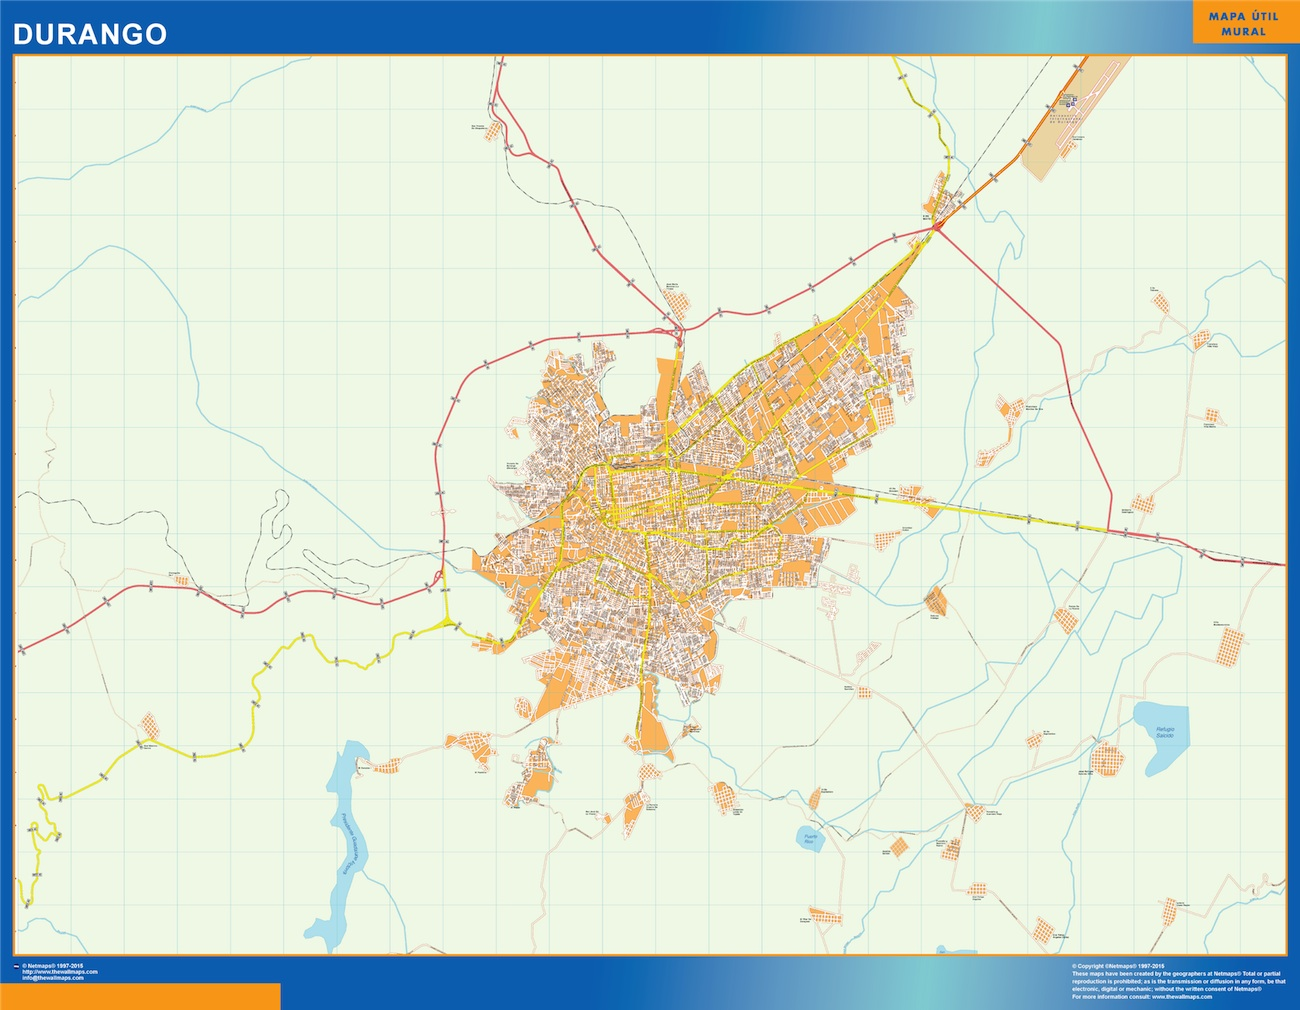 Mapa Durango en Mexico plastificado gigante